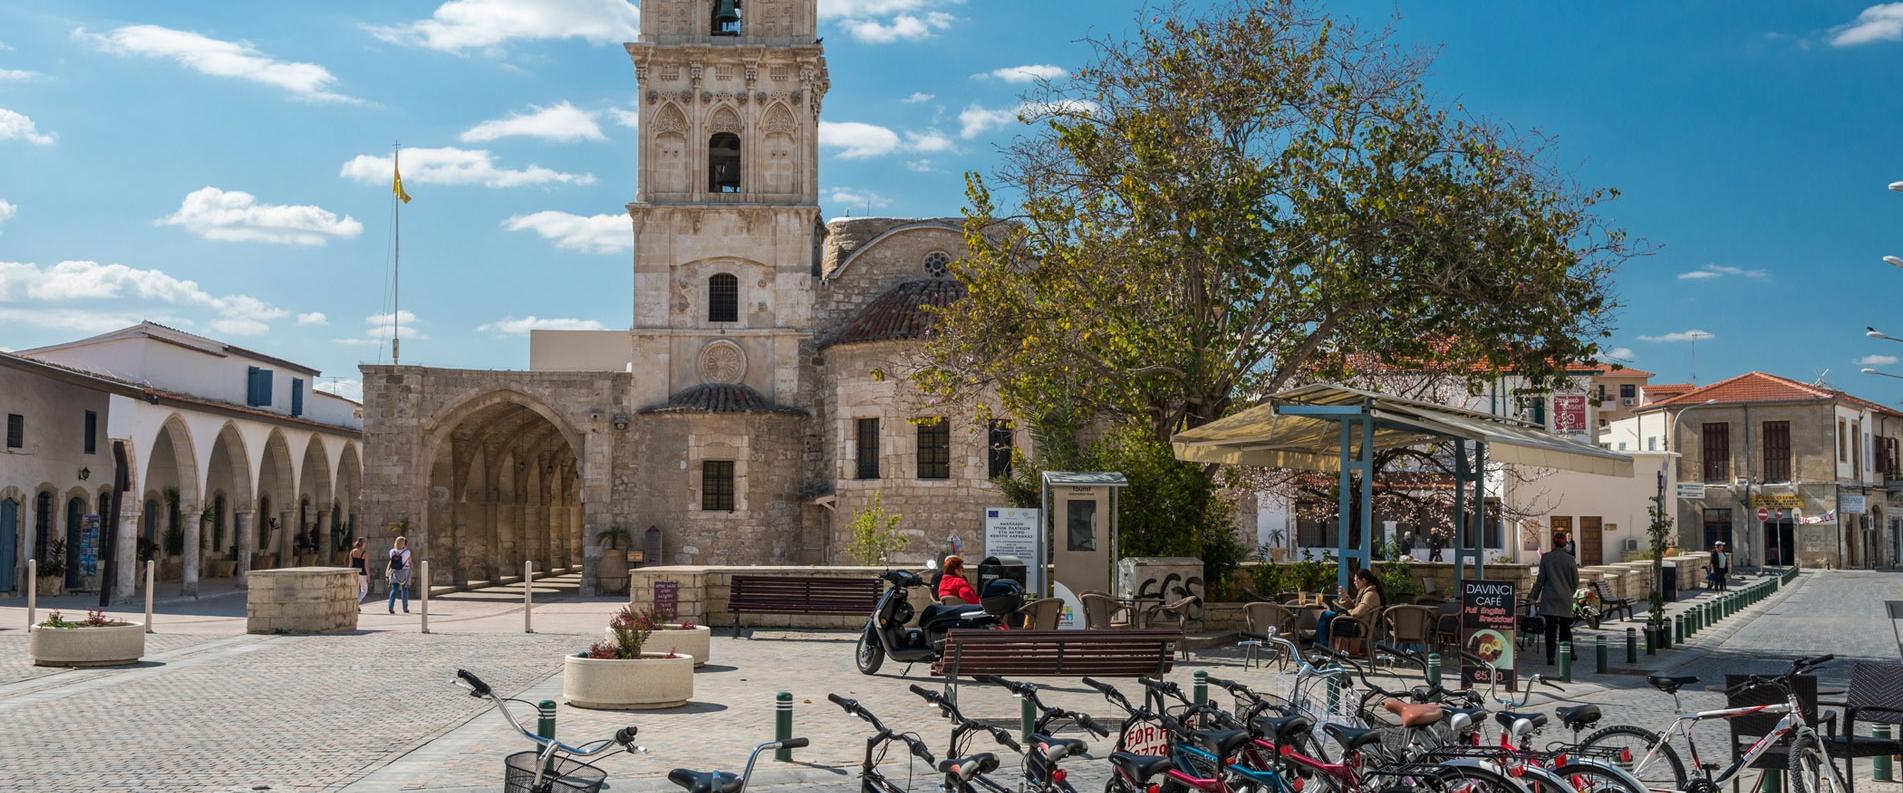 Куда пойти в Ларнаке: музеи, развлечения и рестораны